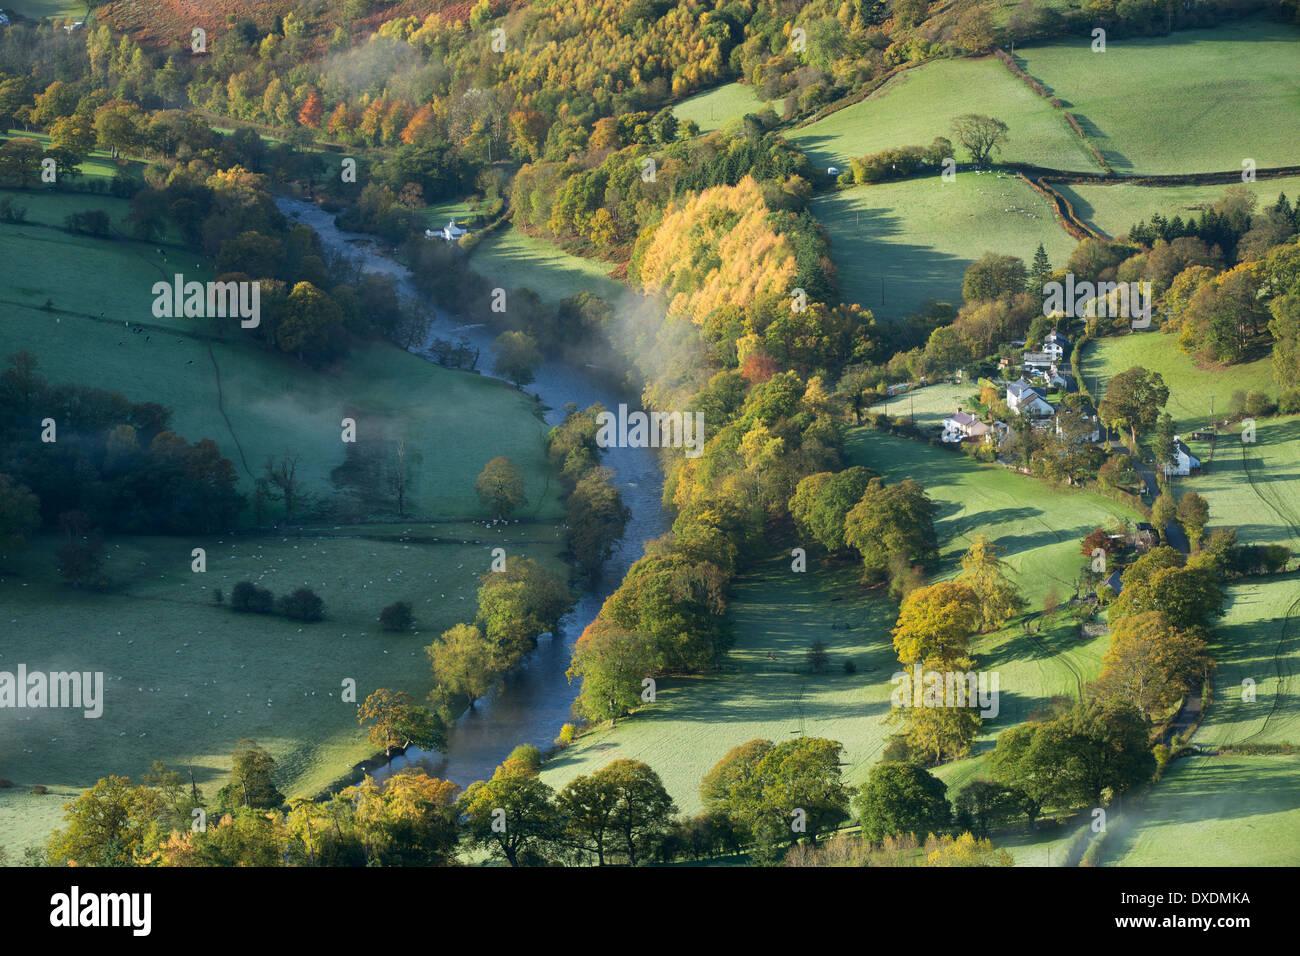 autumn colours and mist in the Dee Valley (Dyffryn Dyfrdwy) near Llangollen, Denbighshire, Wales Stock Photo